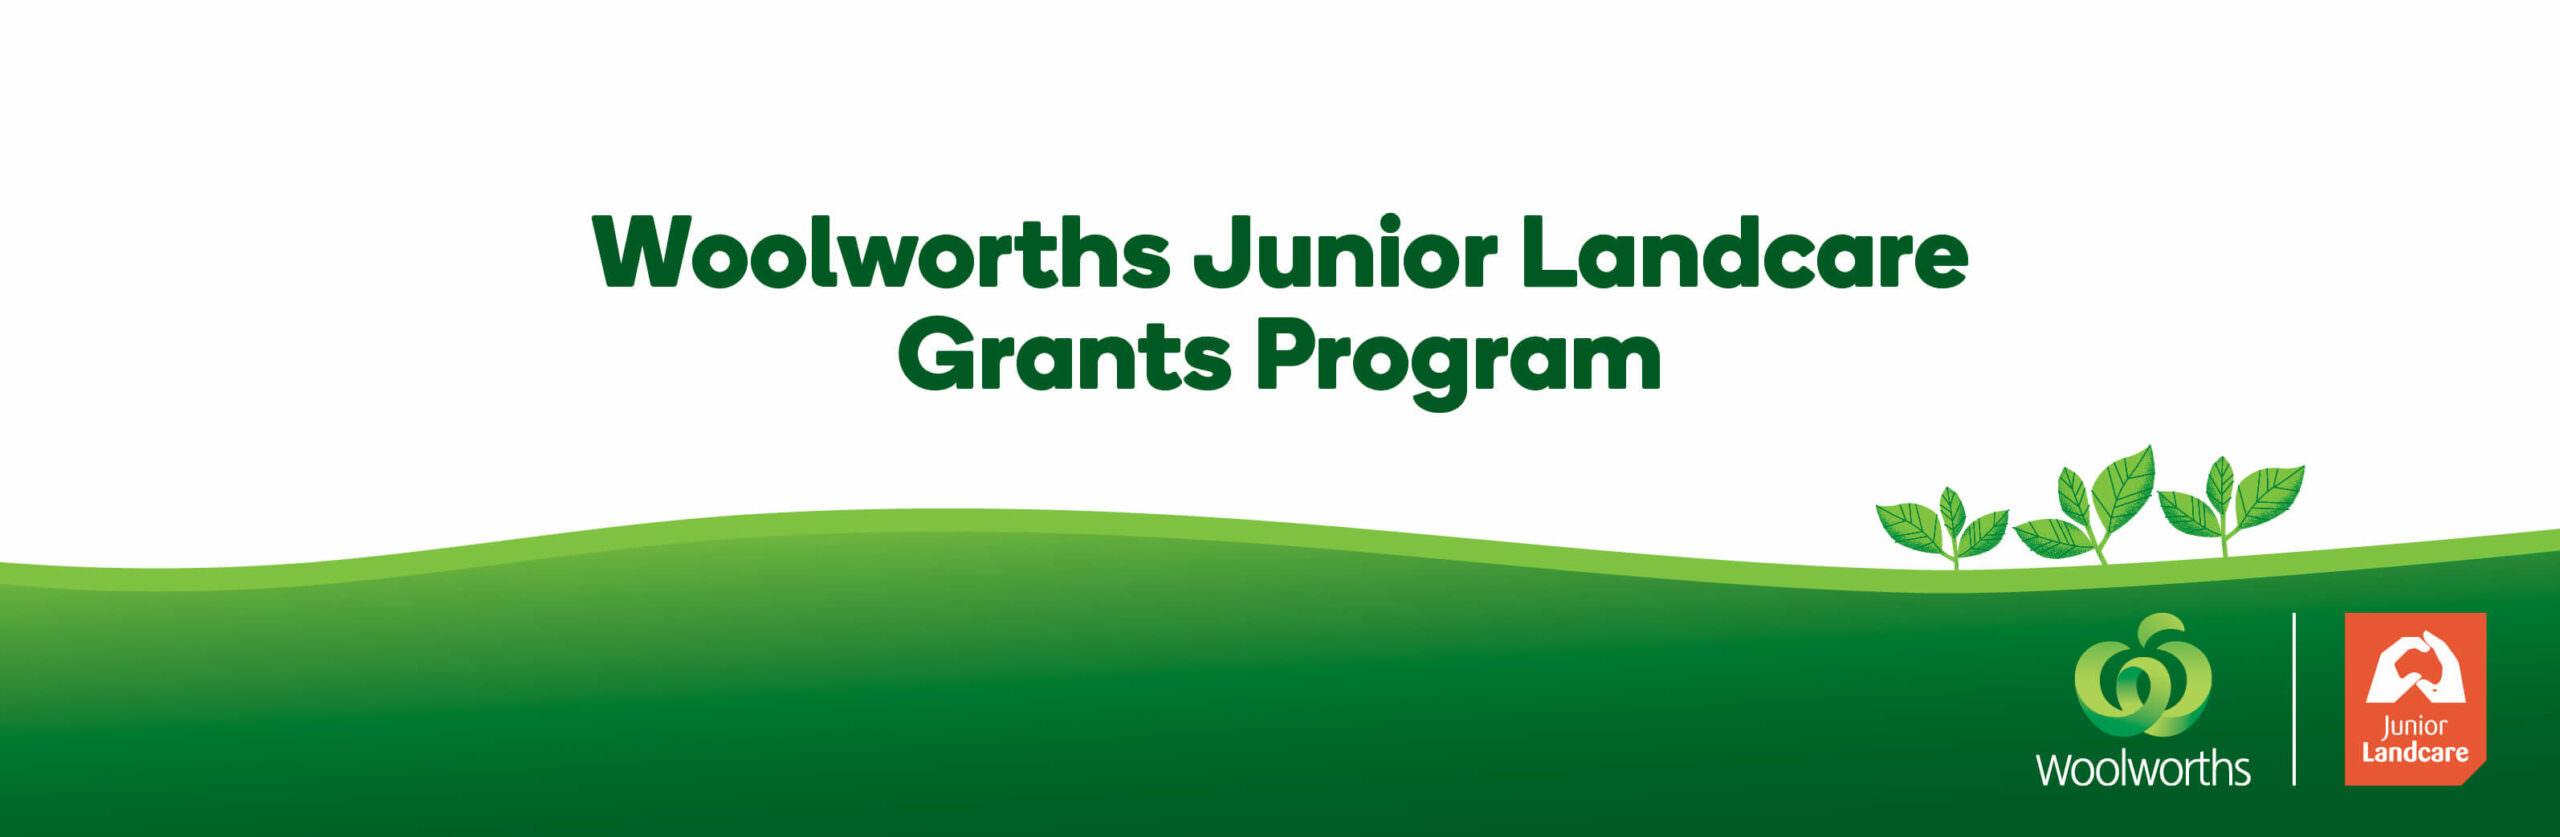 Woolworth's branding for JLC Grants program